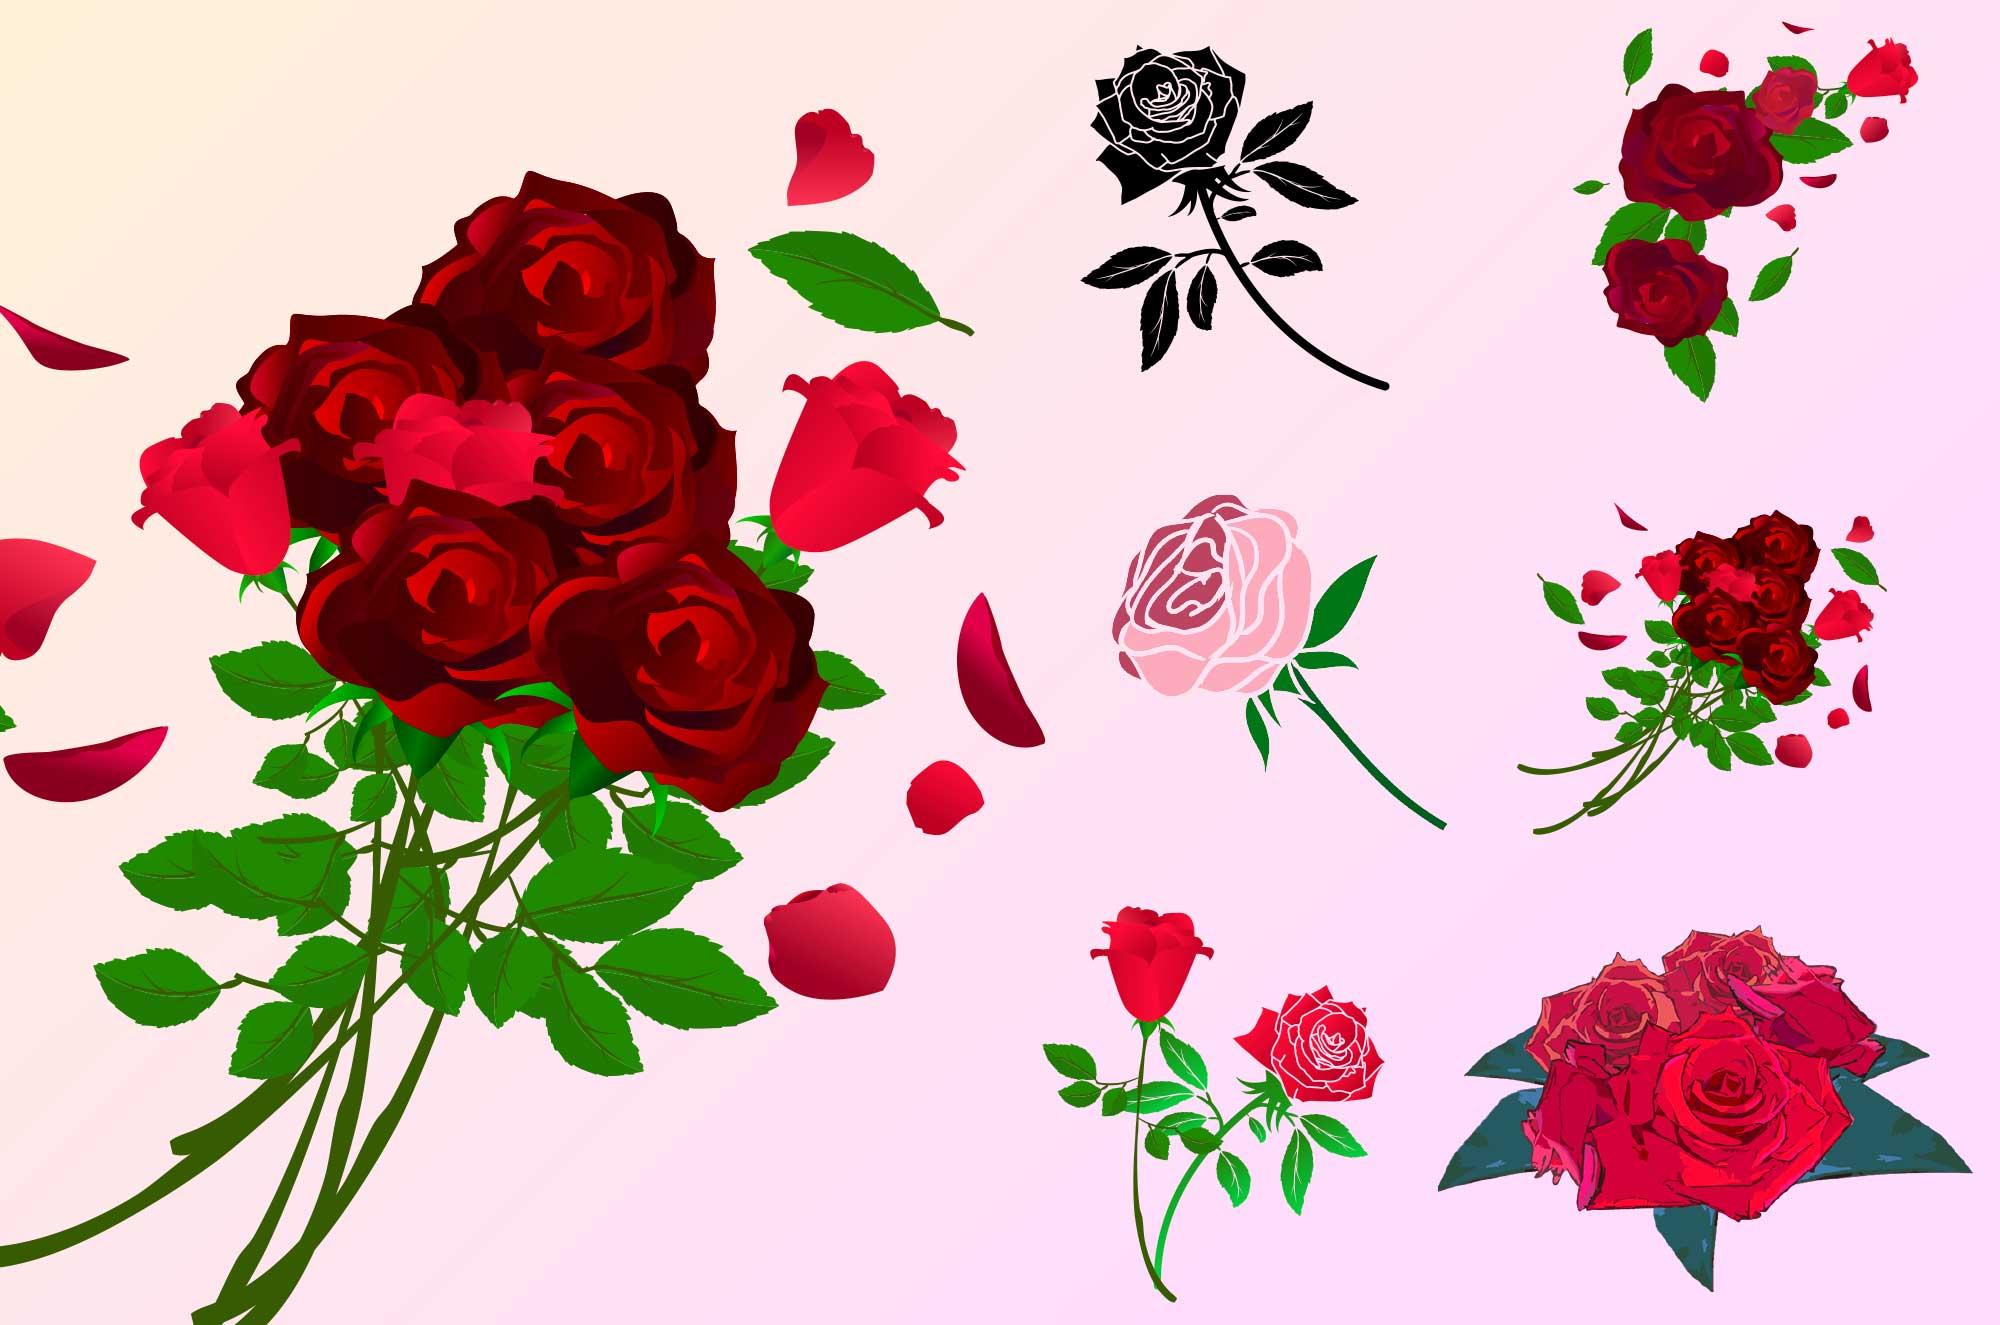 薔薇のフリーイラスト - おしゃれ可愛い花の無料素材